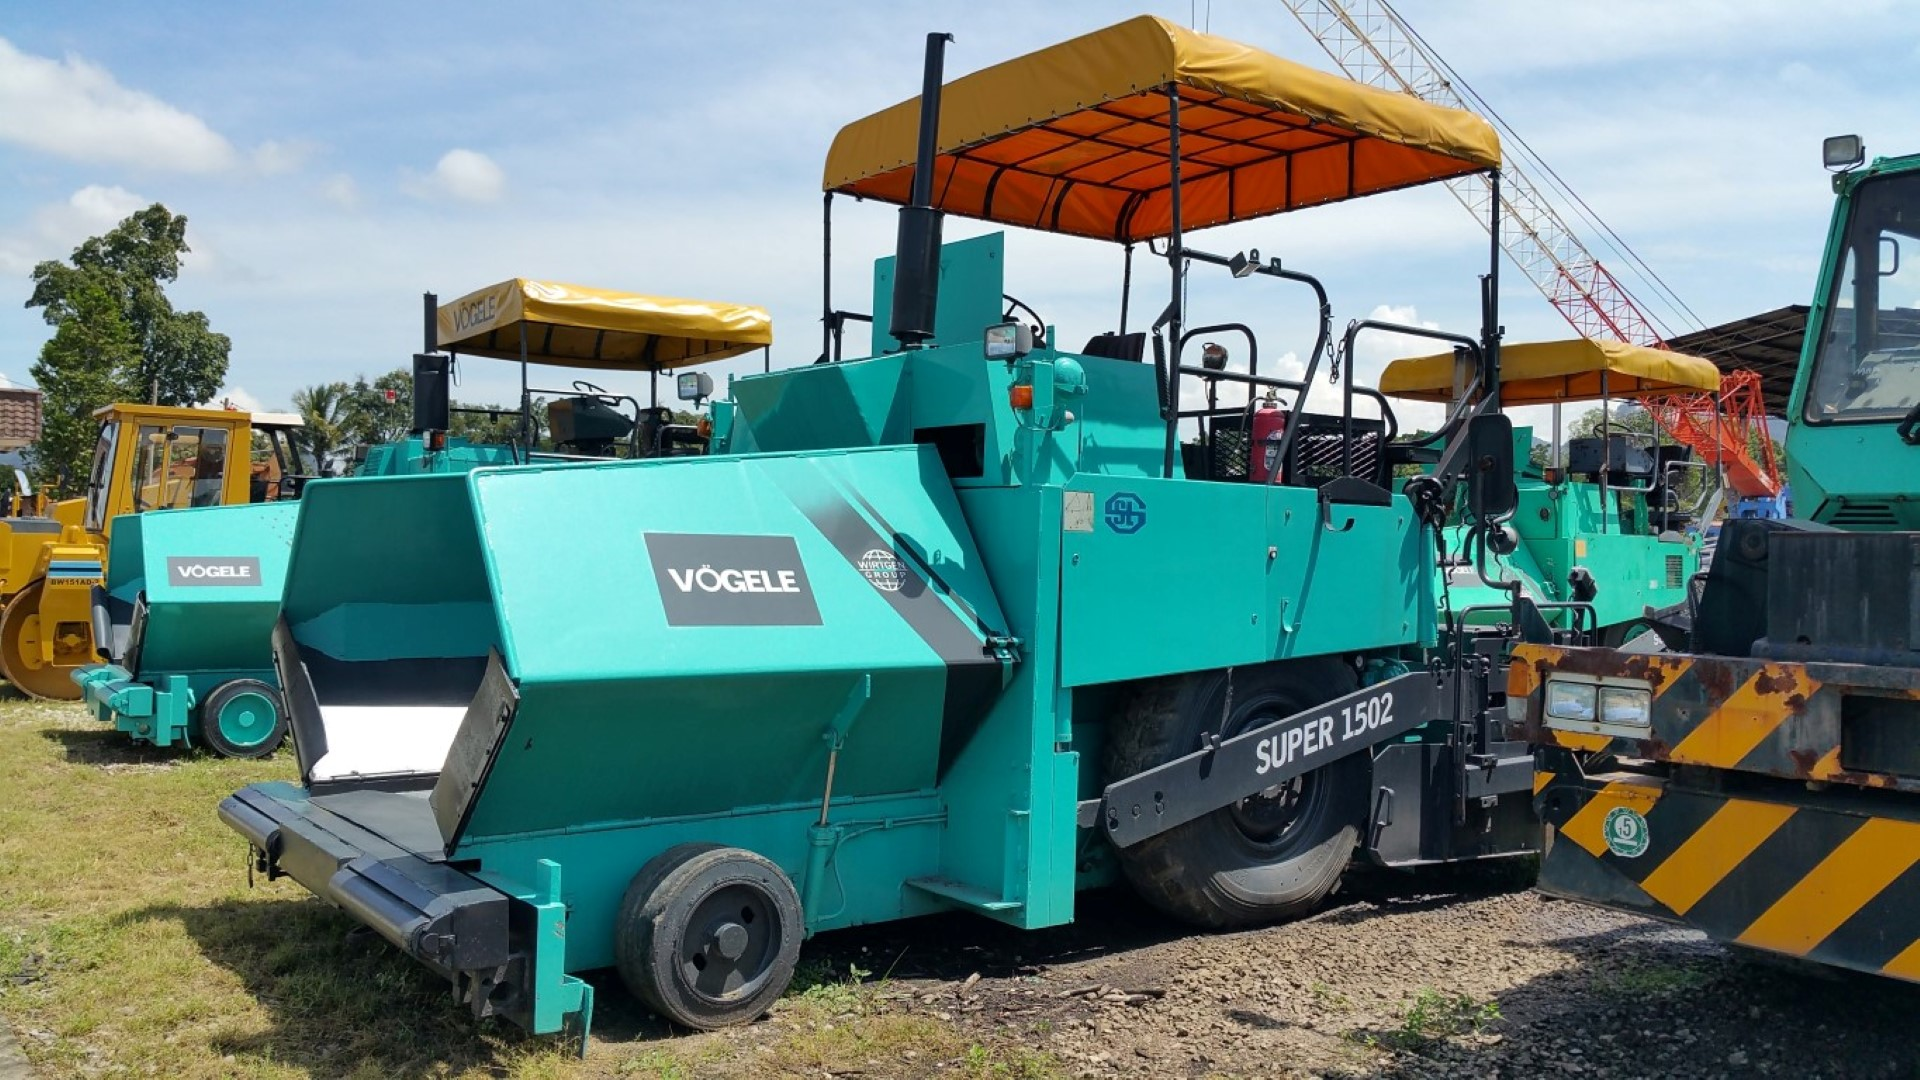 VOGELE S1502 ASPHALT PAVER